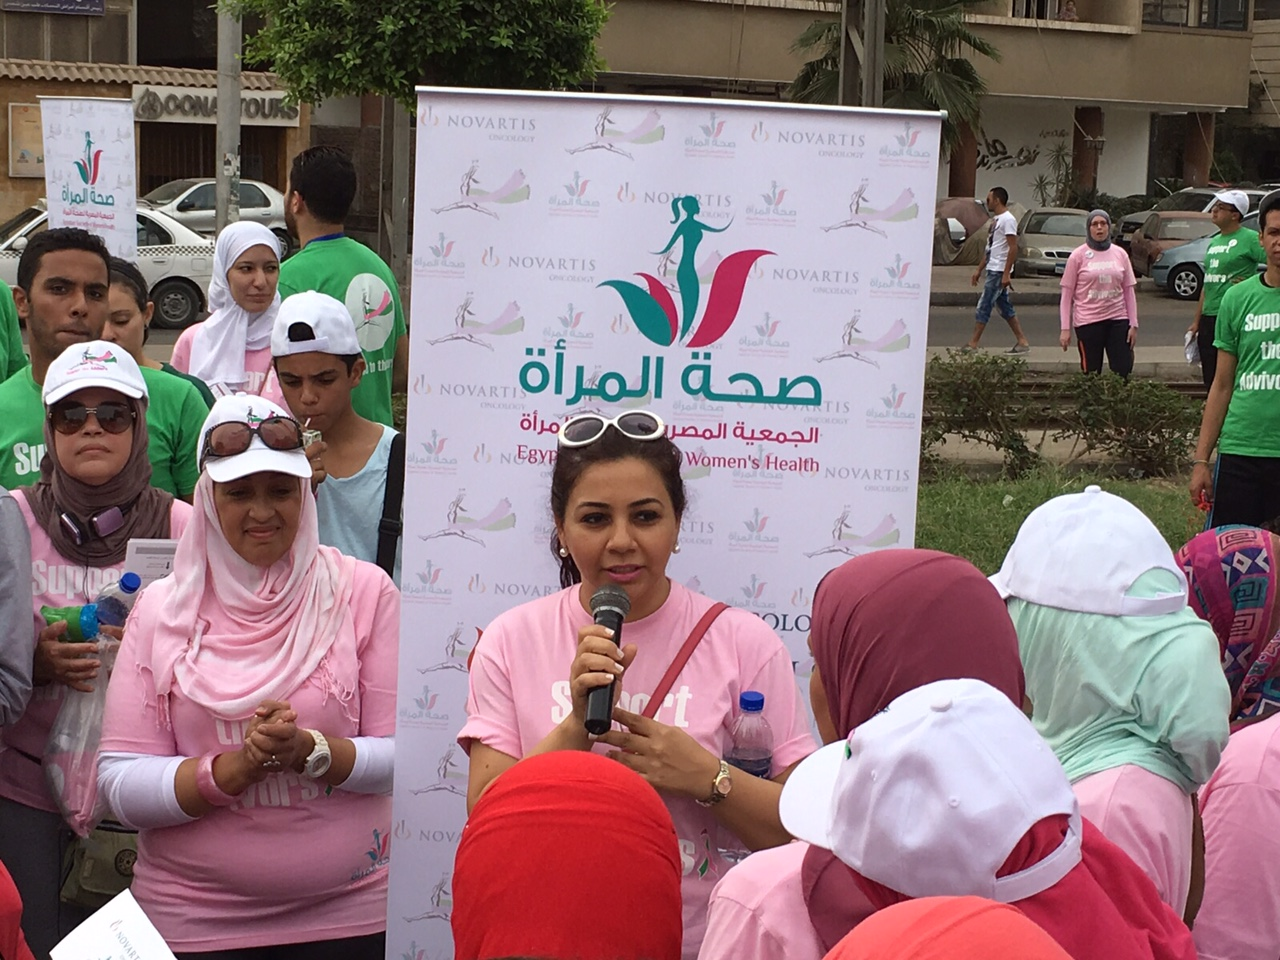 إطلاق حملة #صحتك_مهمتنا في شهر مارس للتوعية بصحة المرأة